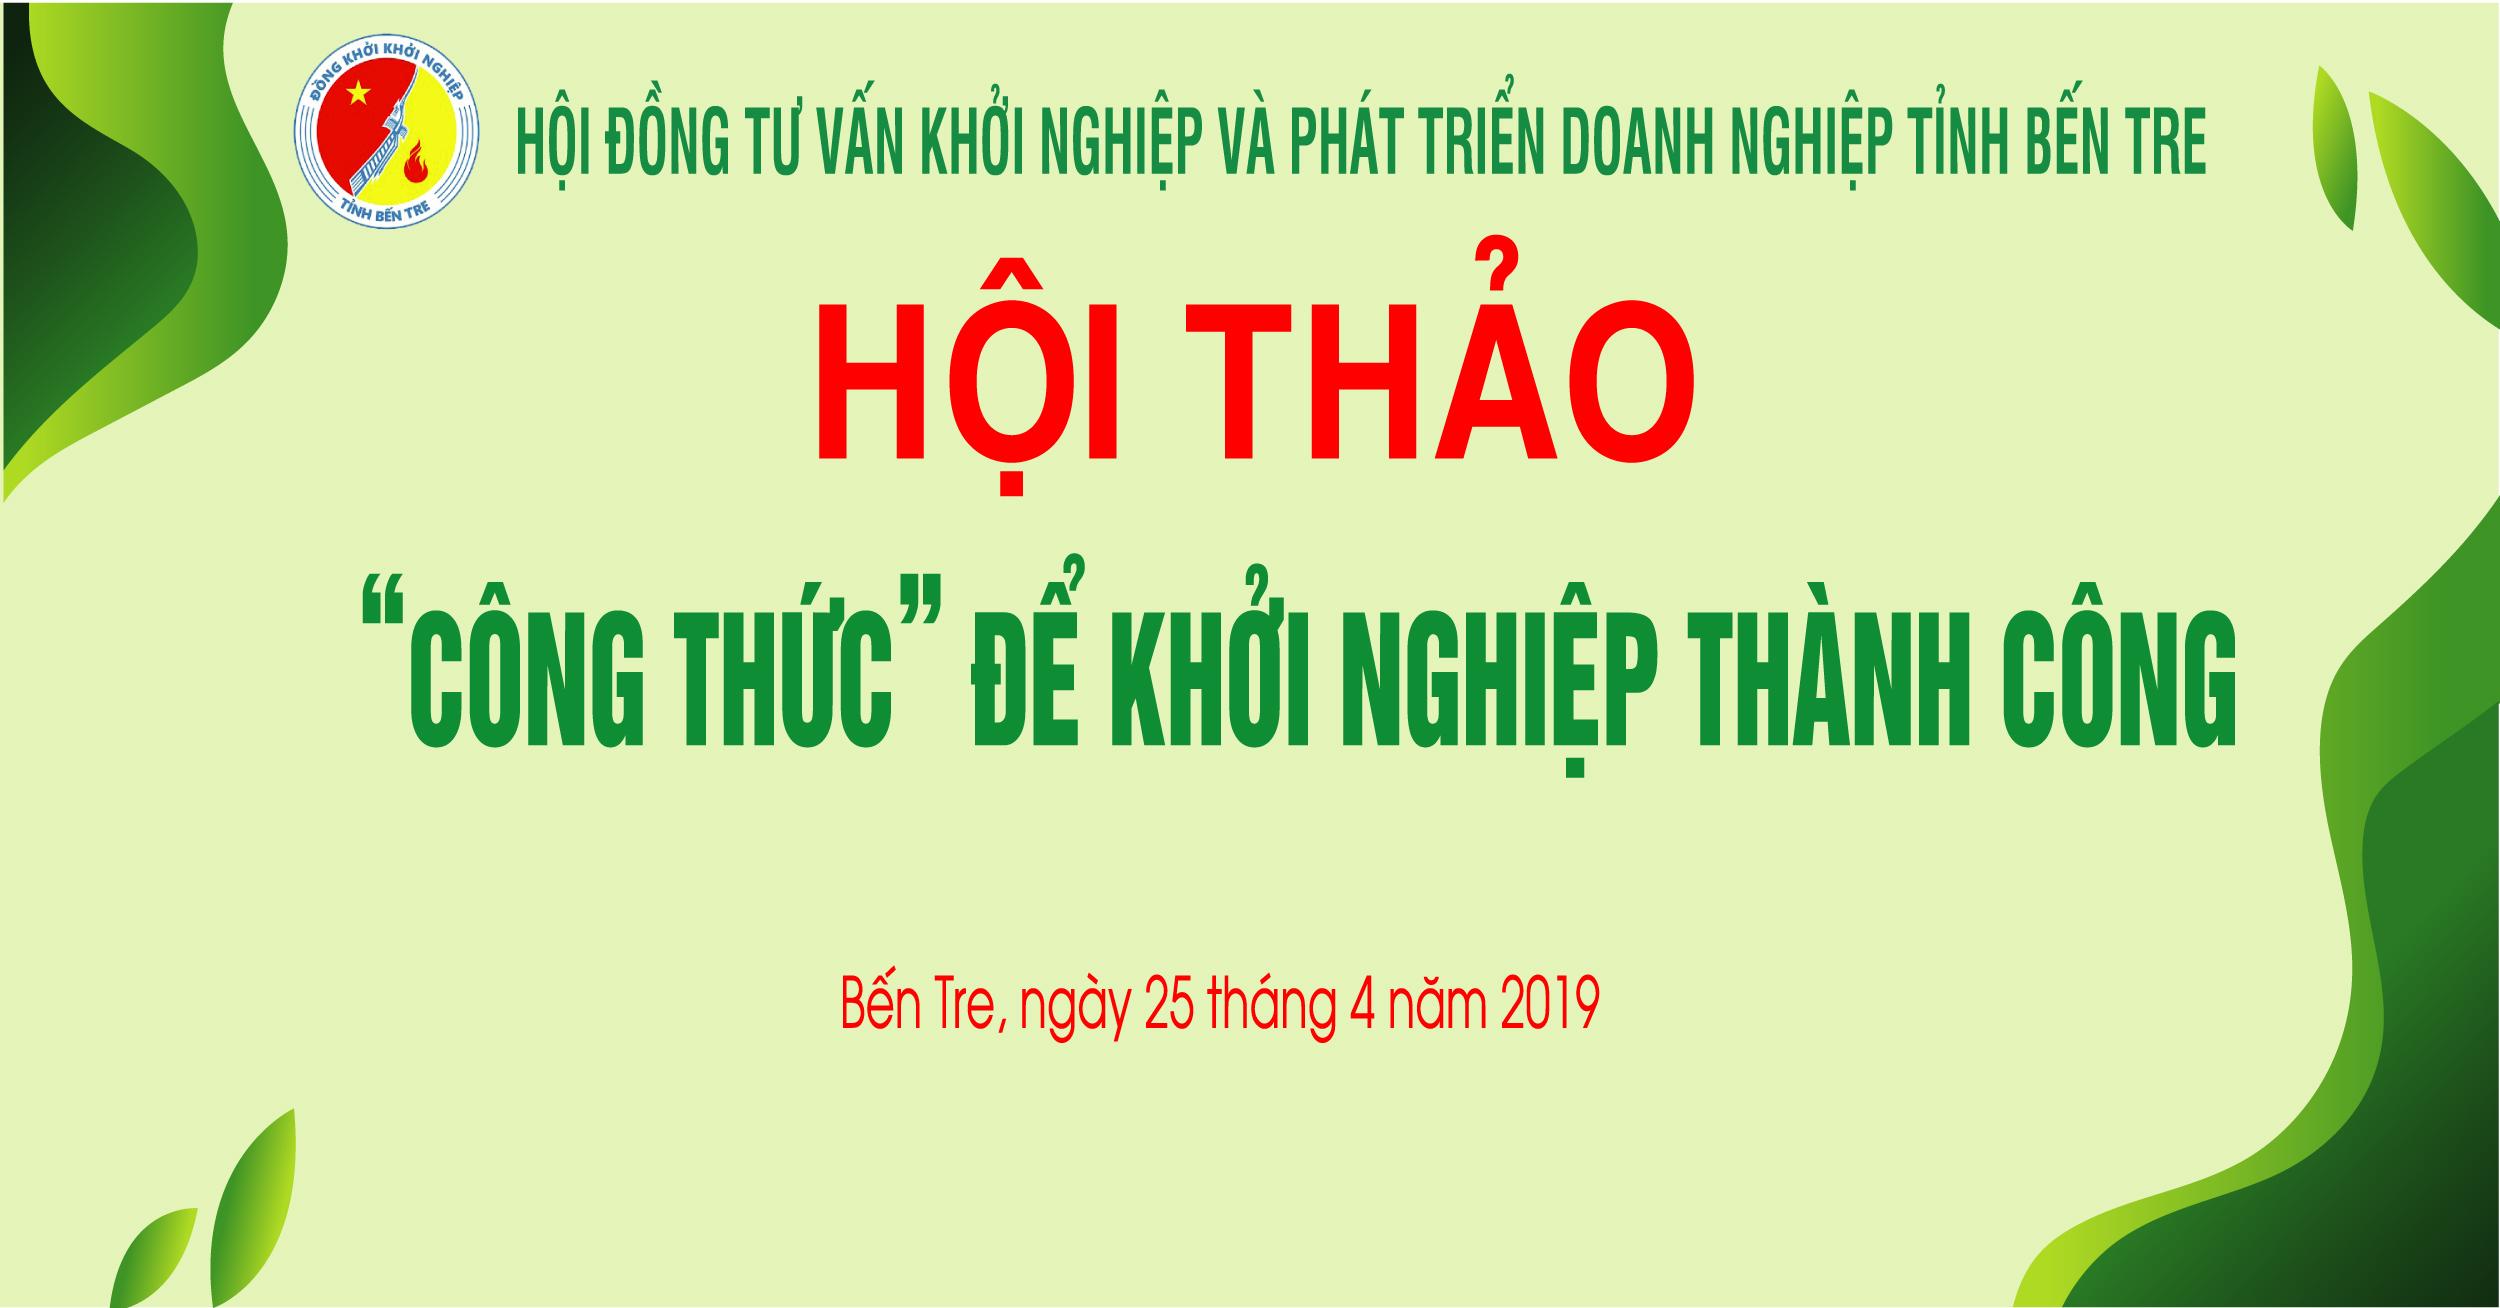 (Tiếng Việt) Mời tham dự Hội thảo Công thức để khởi nghiệp thành công (25/4/2019)